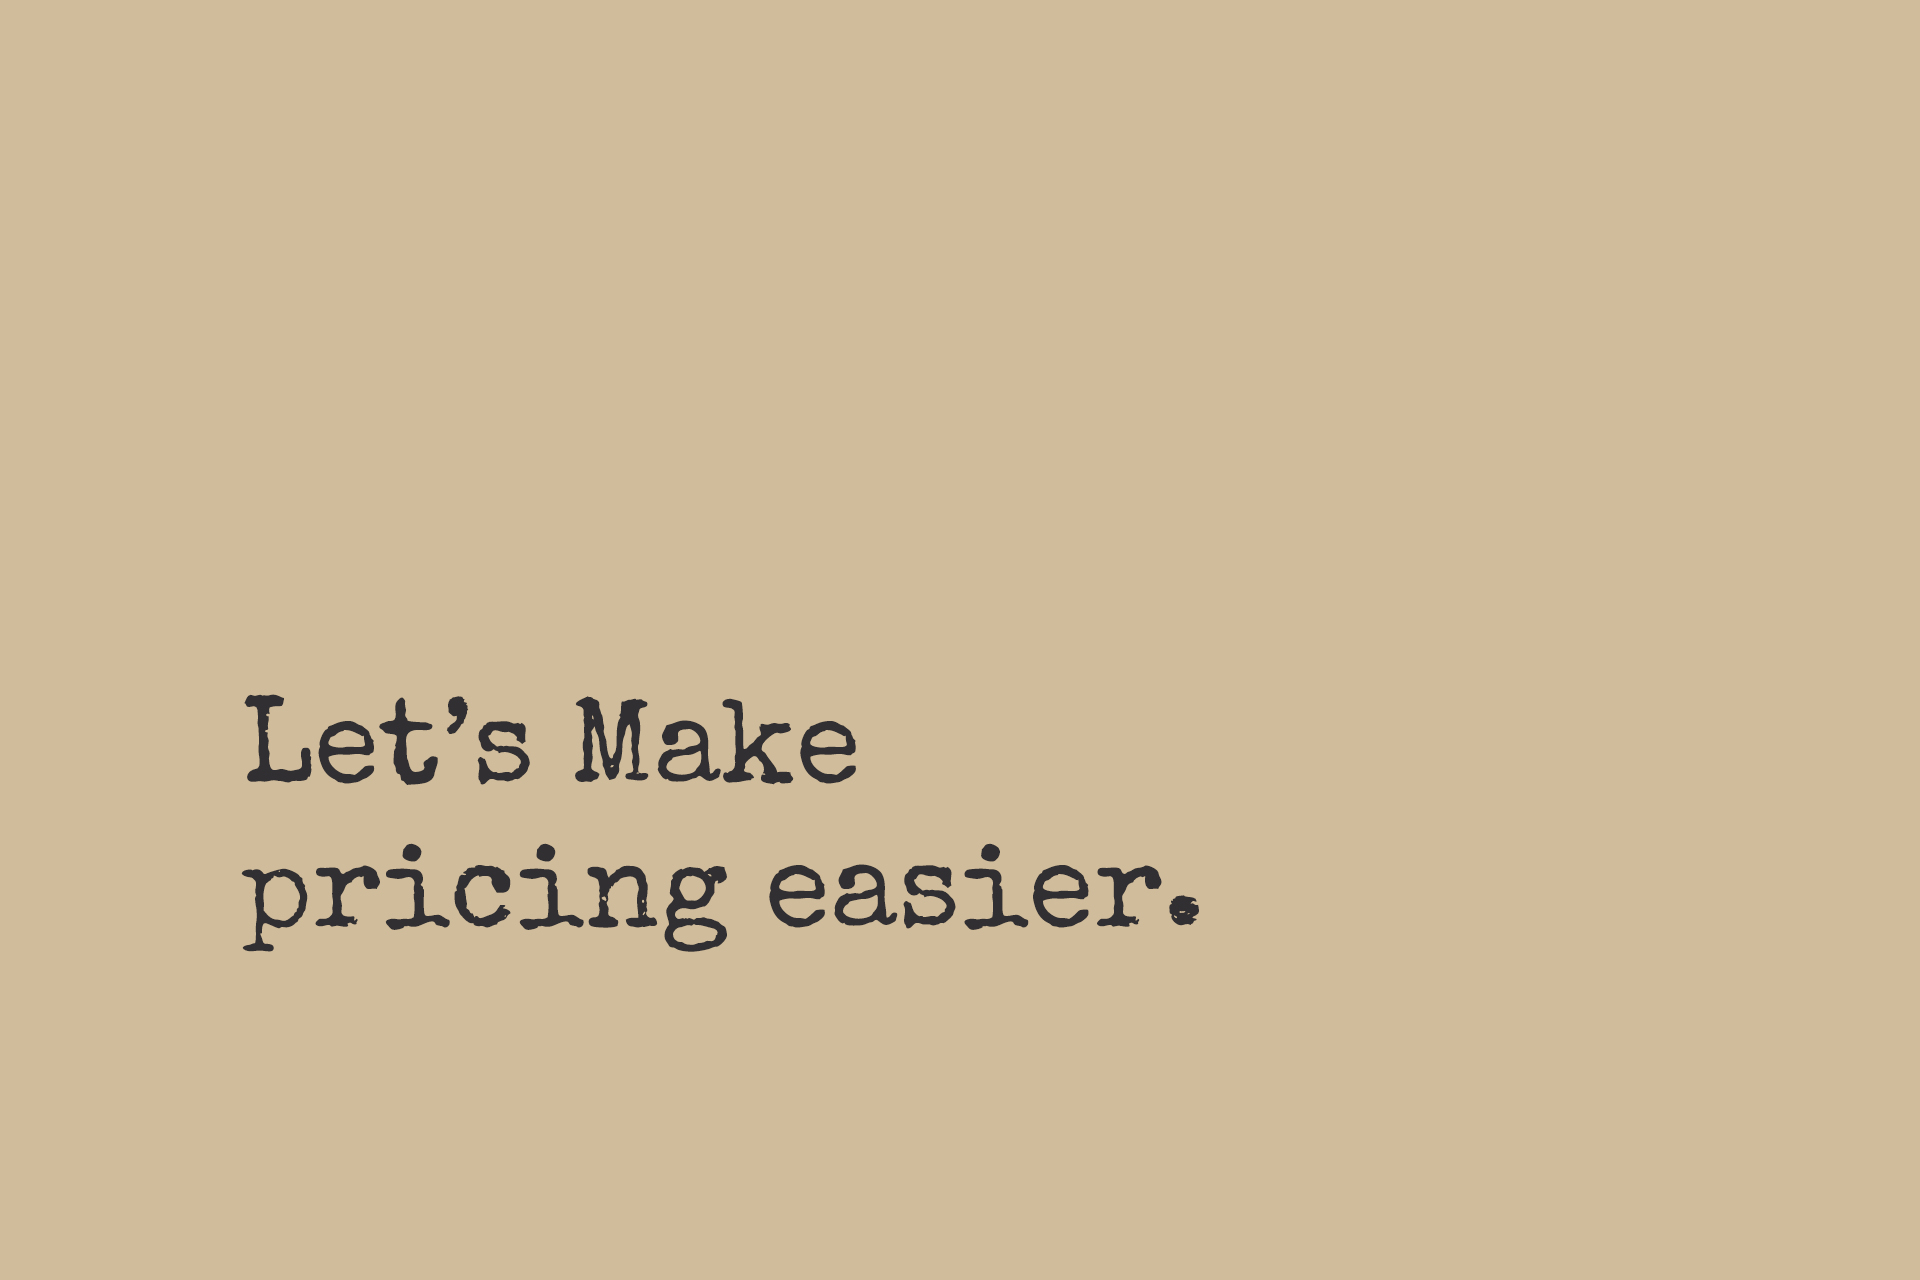 Let's make pricing easier.